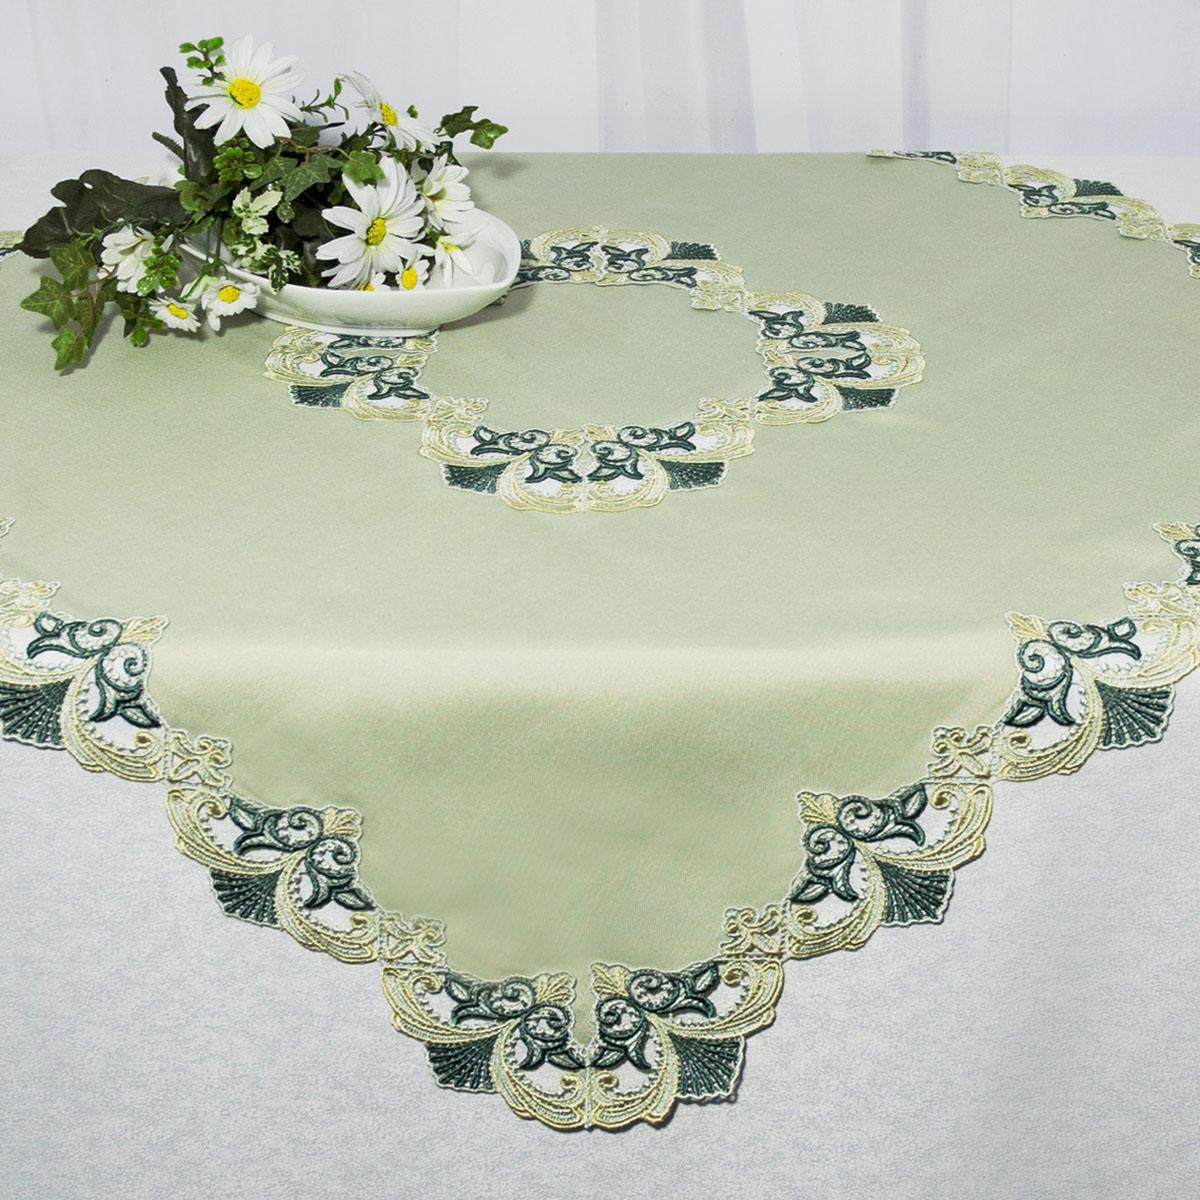 """Скатерть """"Schaefer"""", квадратная, цвет: зеленый, 90 x 90 см. 3033"""